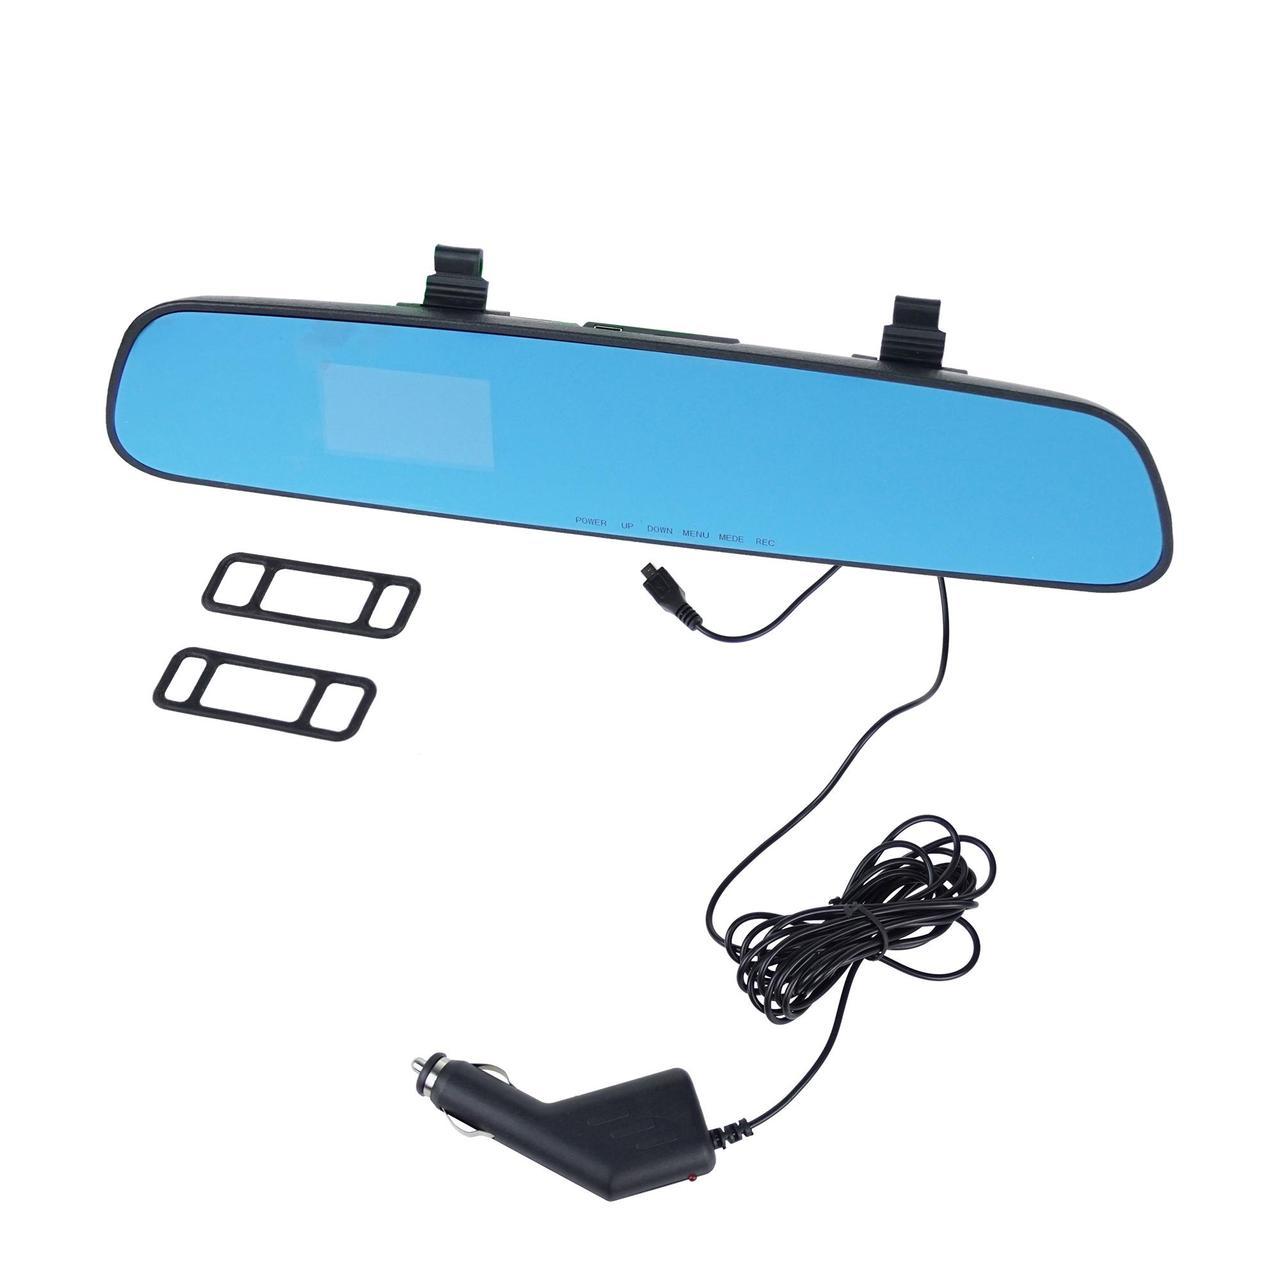 Уценка! Регистратор-зеркало DVR-138